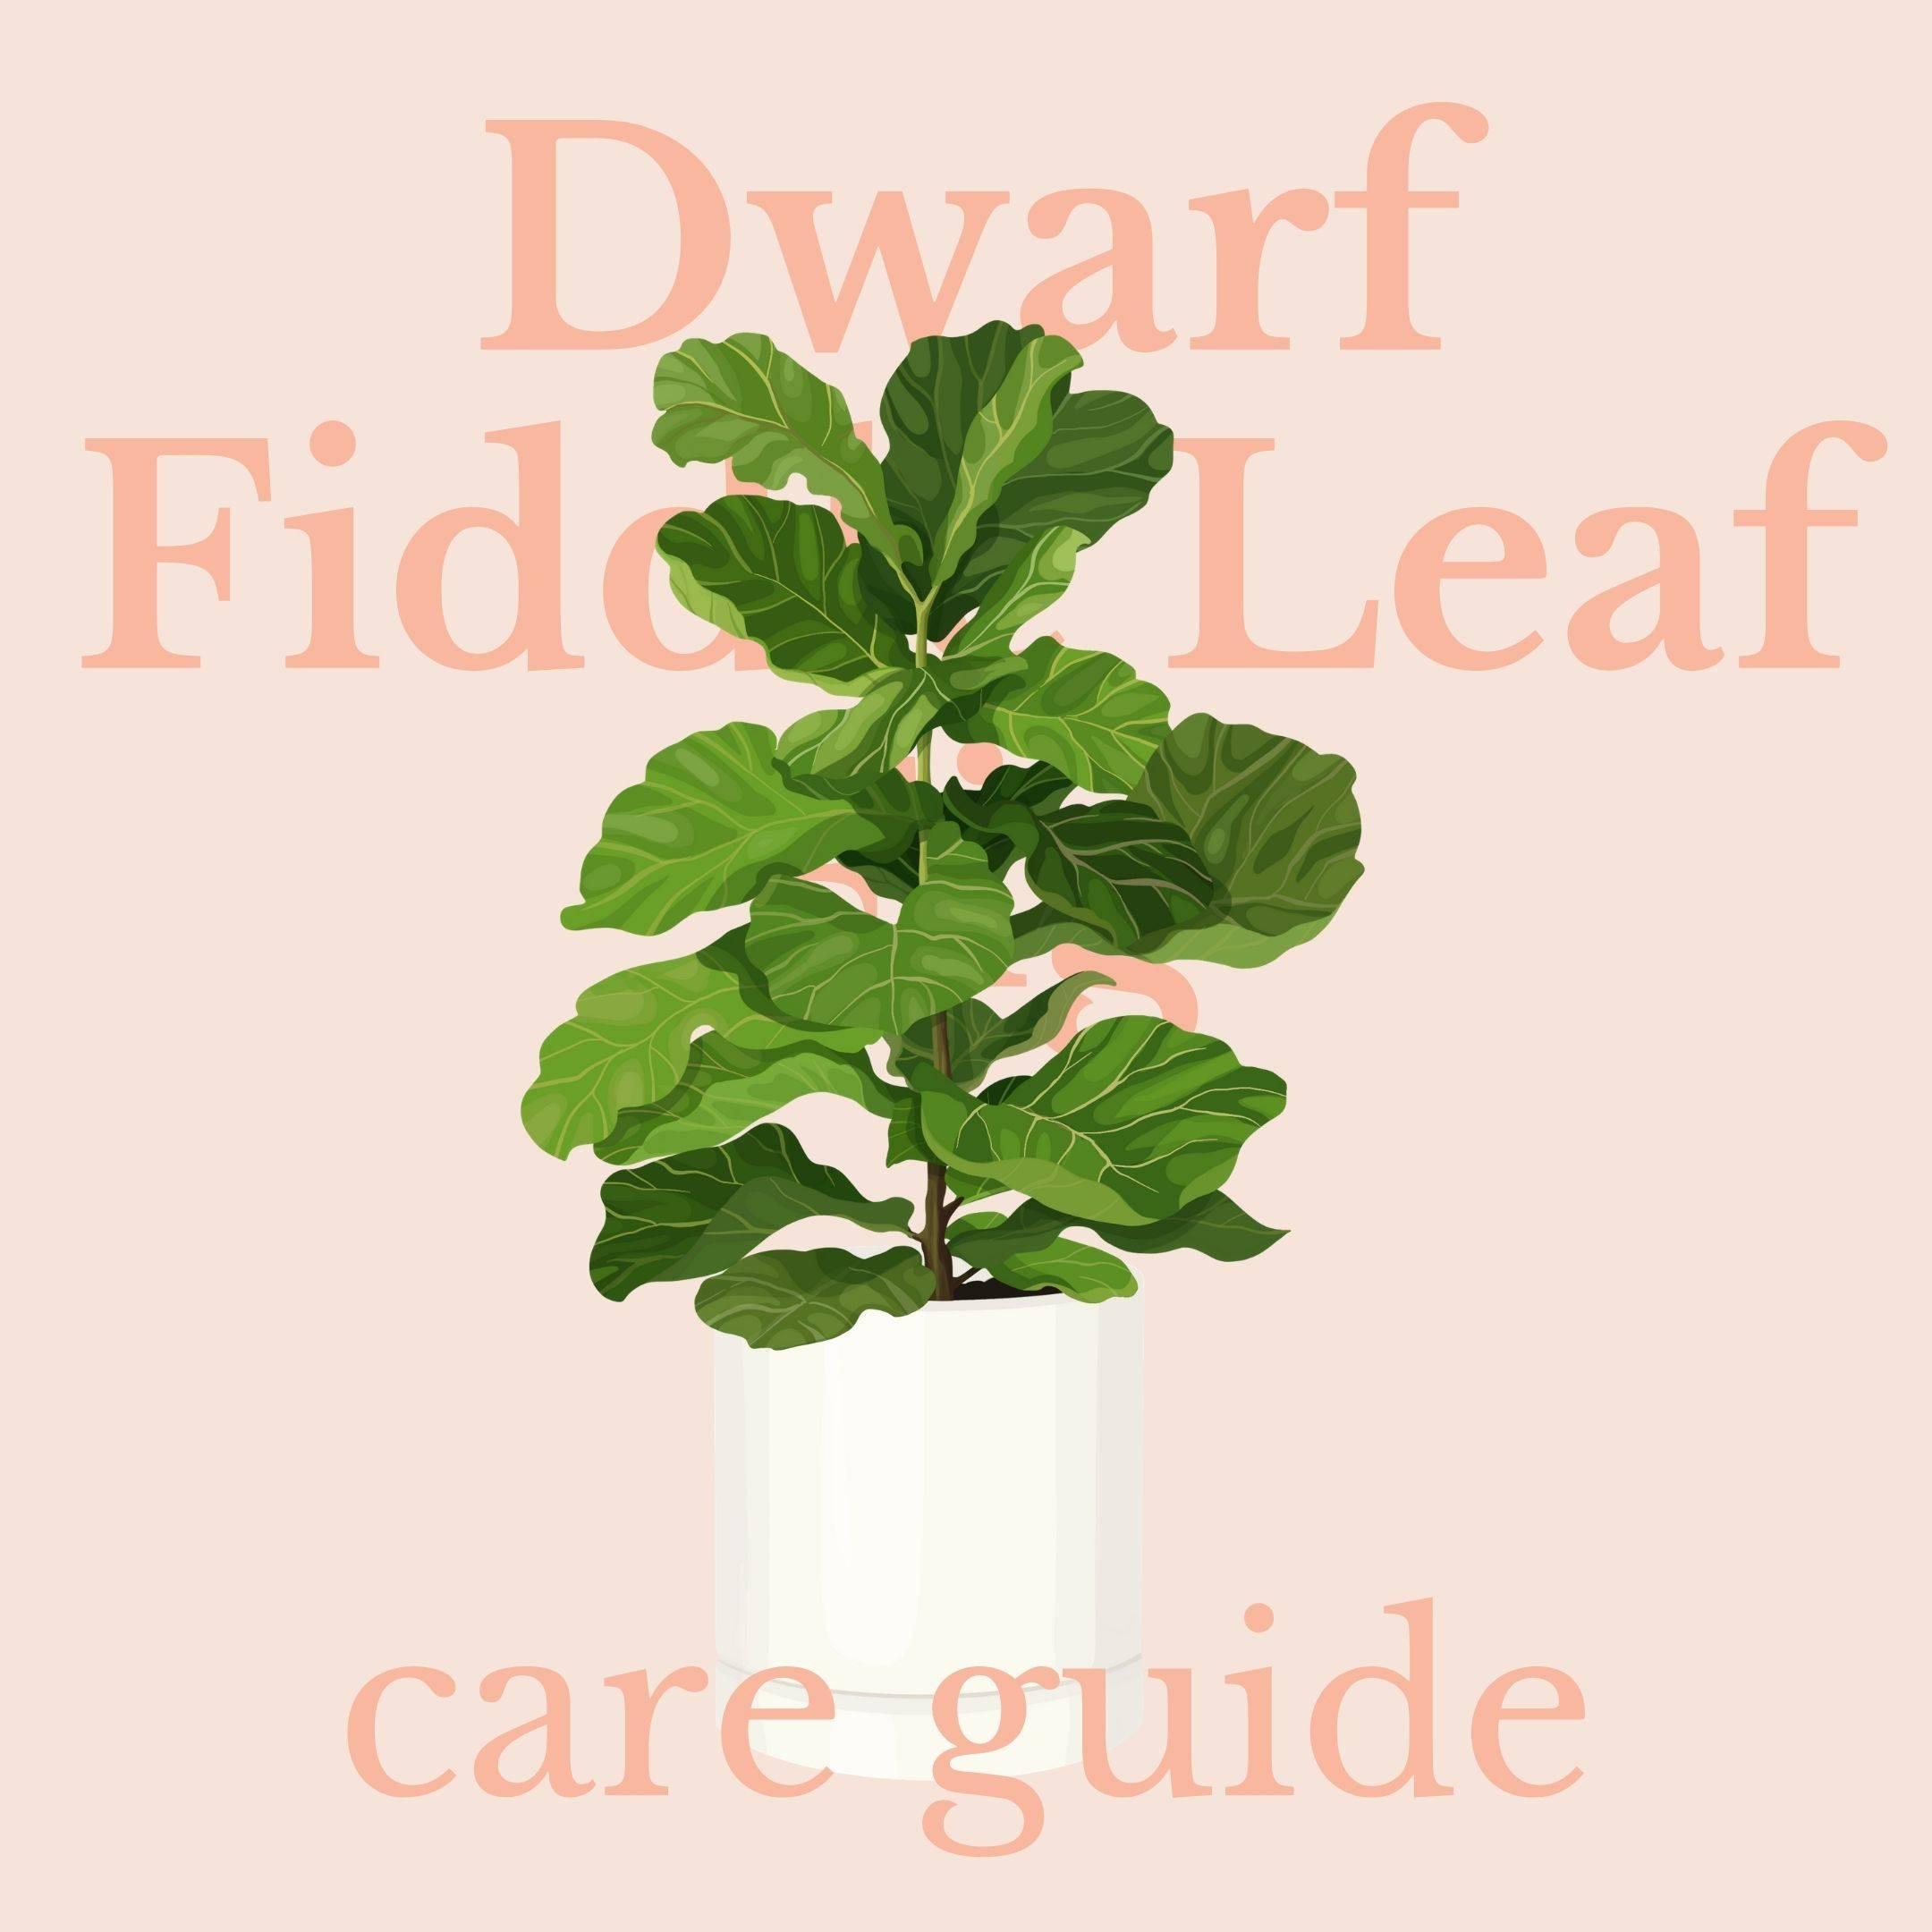 Drawing of dwarf fiddle leaf fig